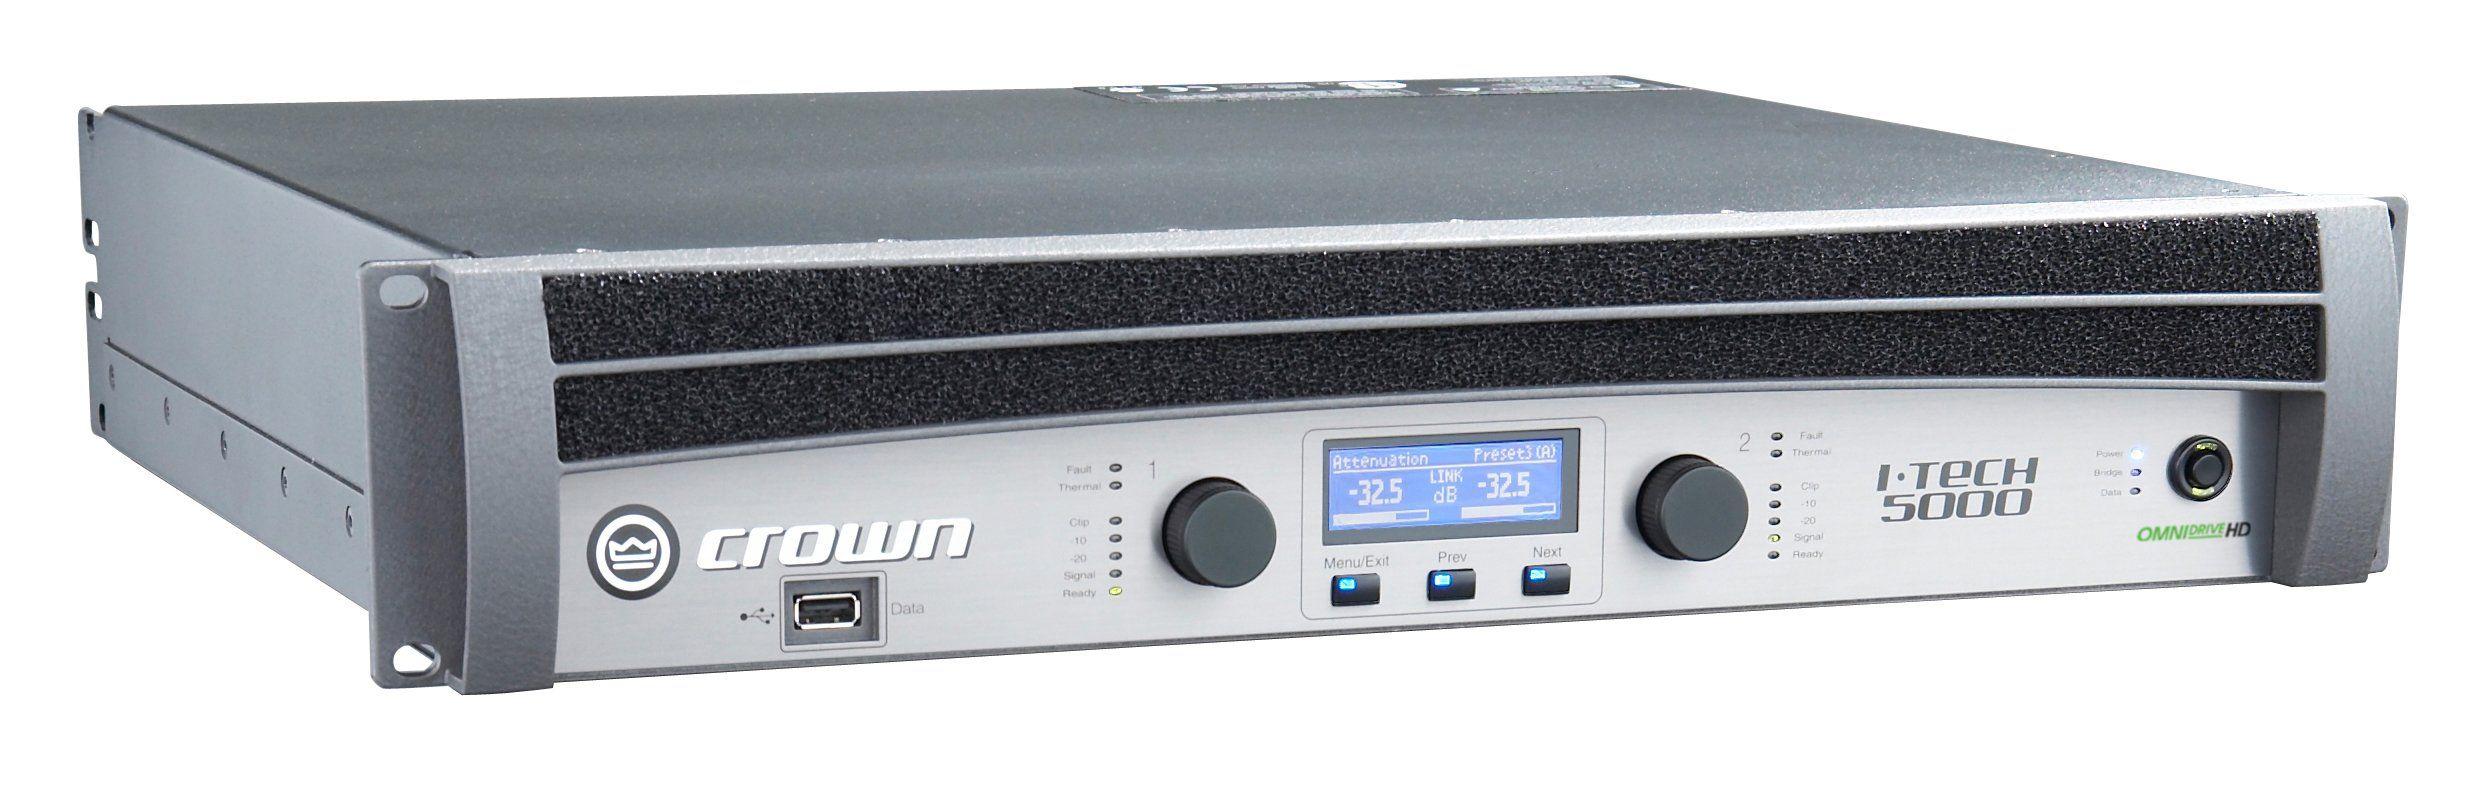 crown it5000hd power amplifier dj mix club amplifiers